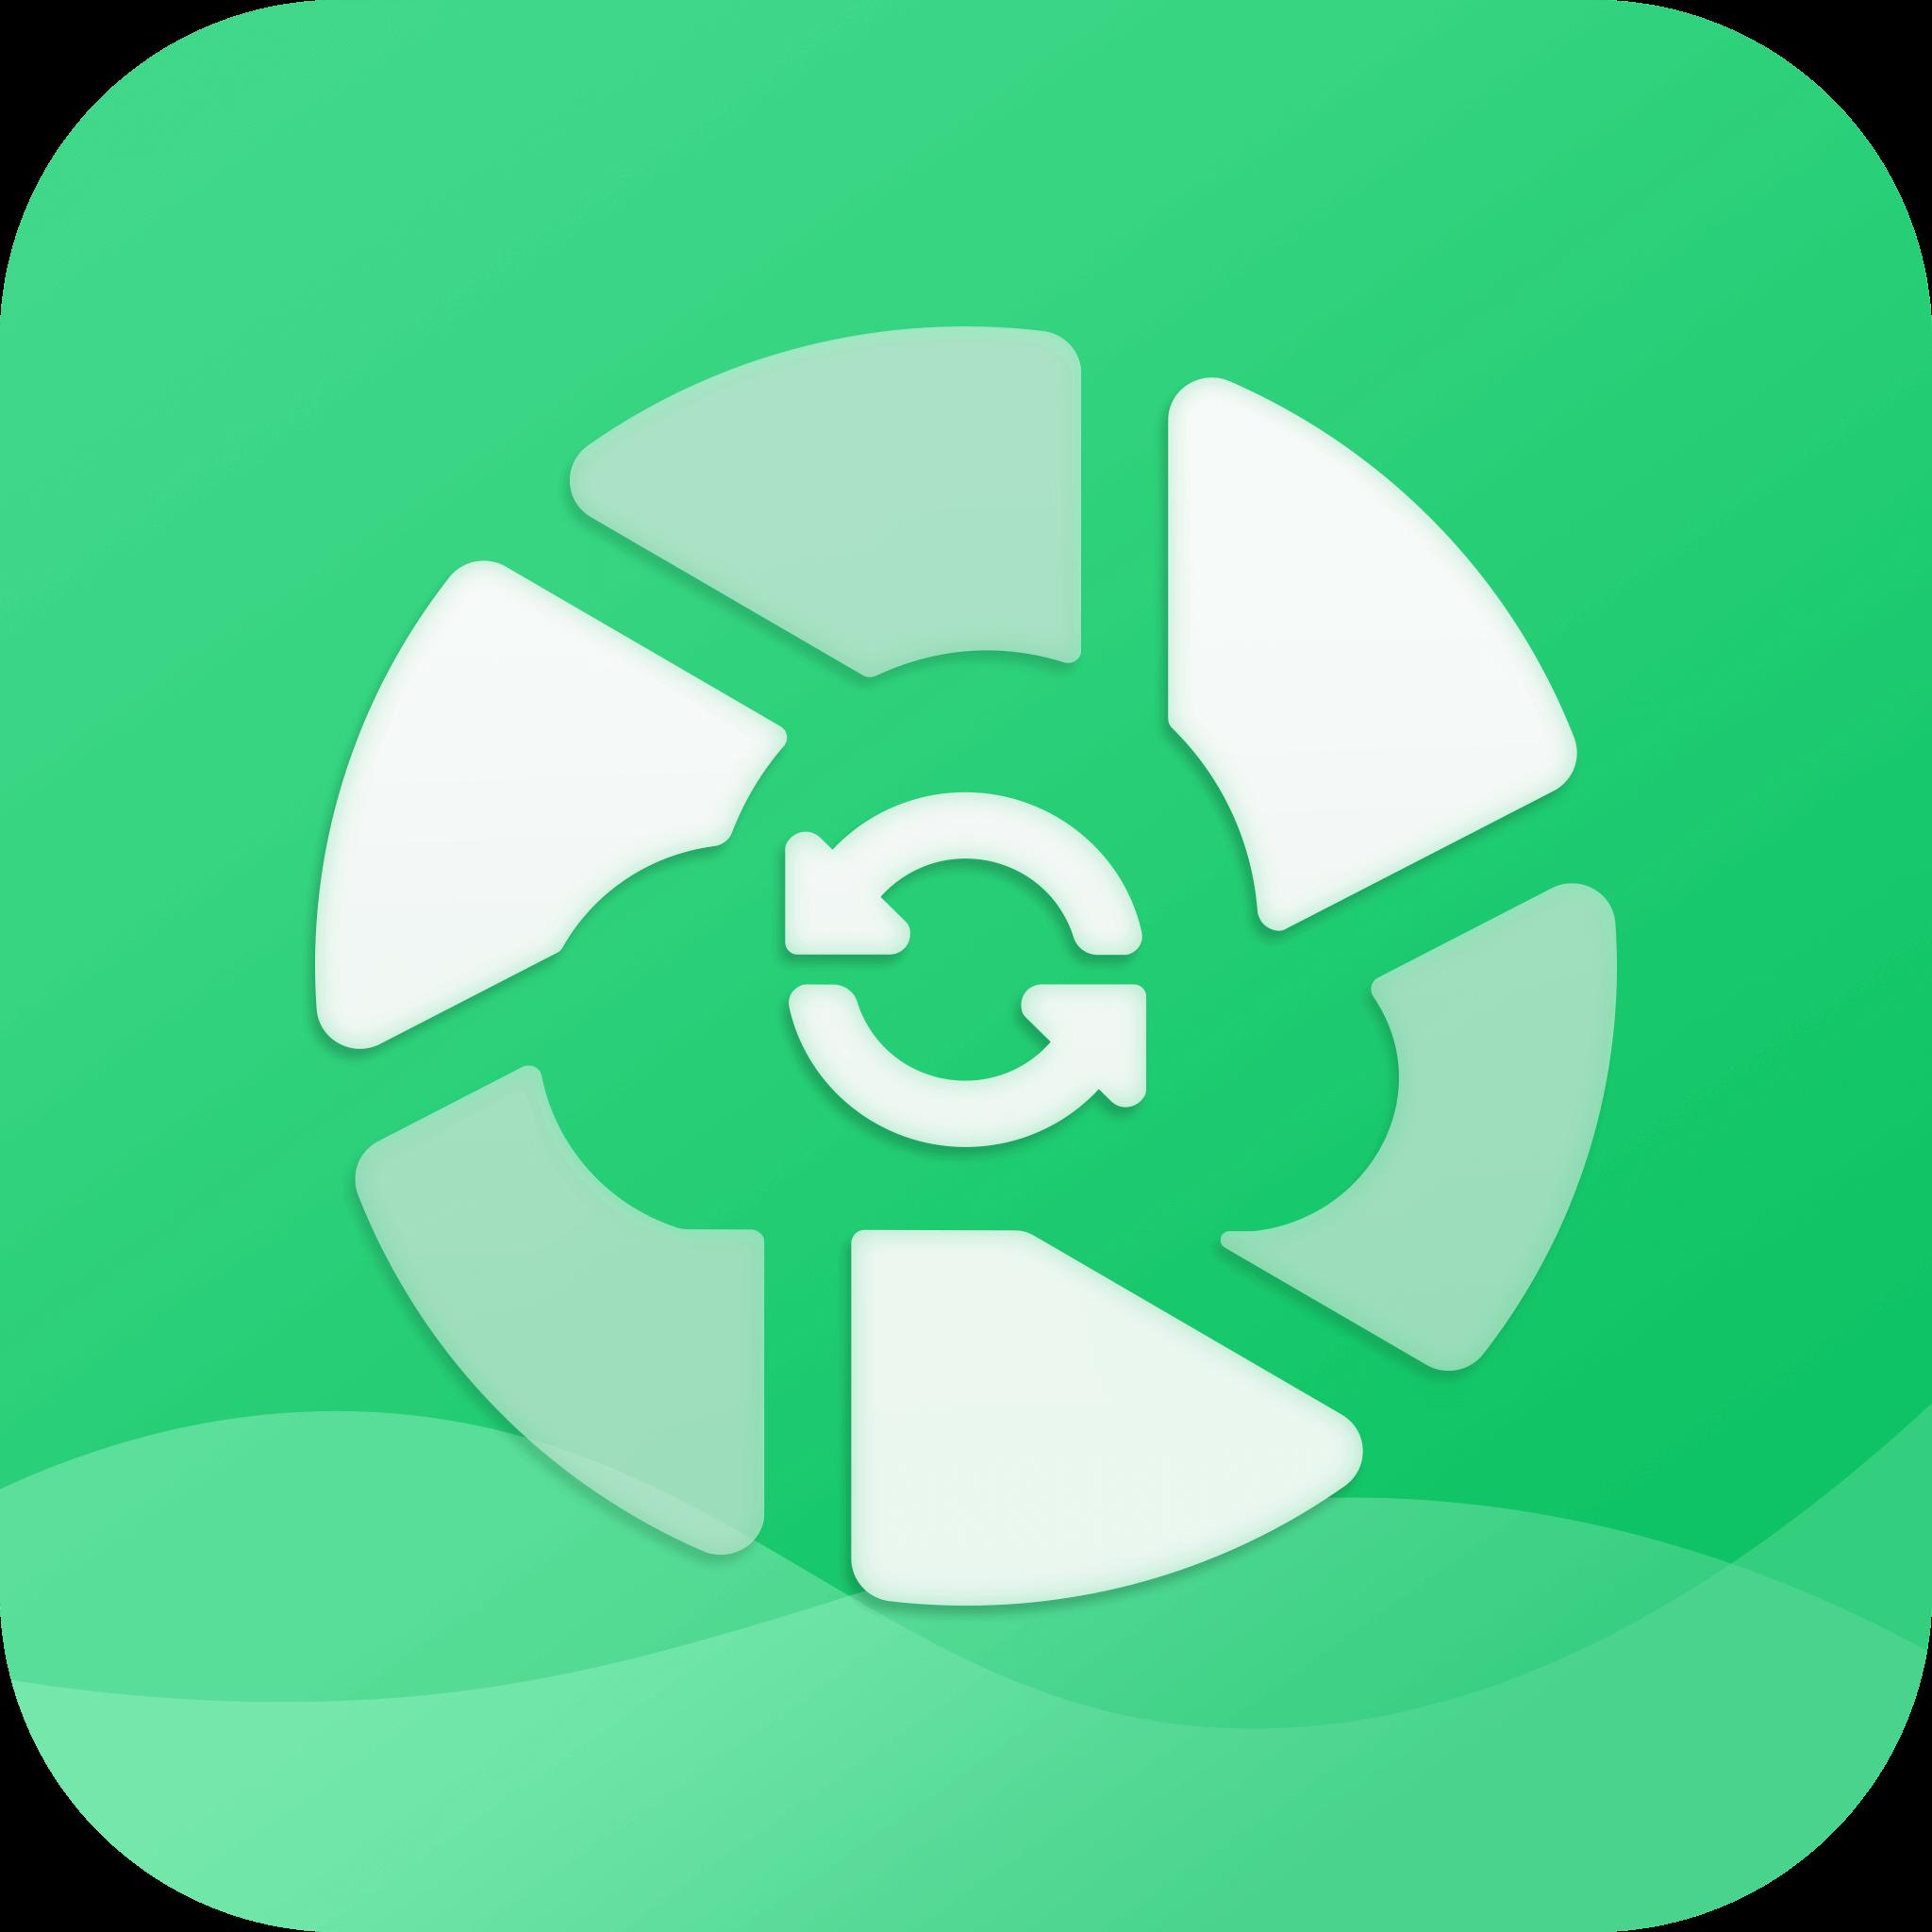 朋友圈同步(微商管理)v1.0.3 官方版